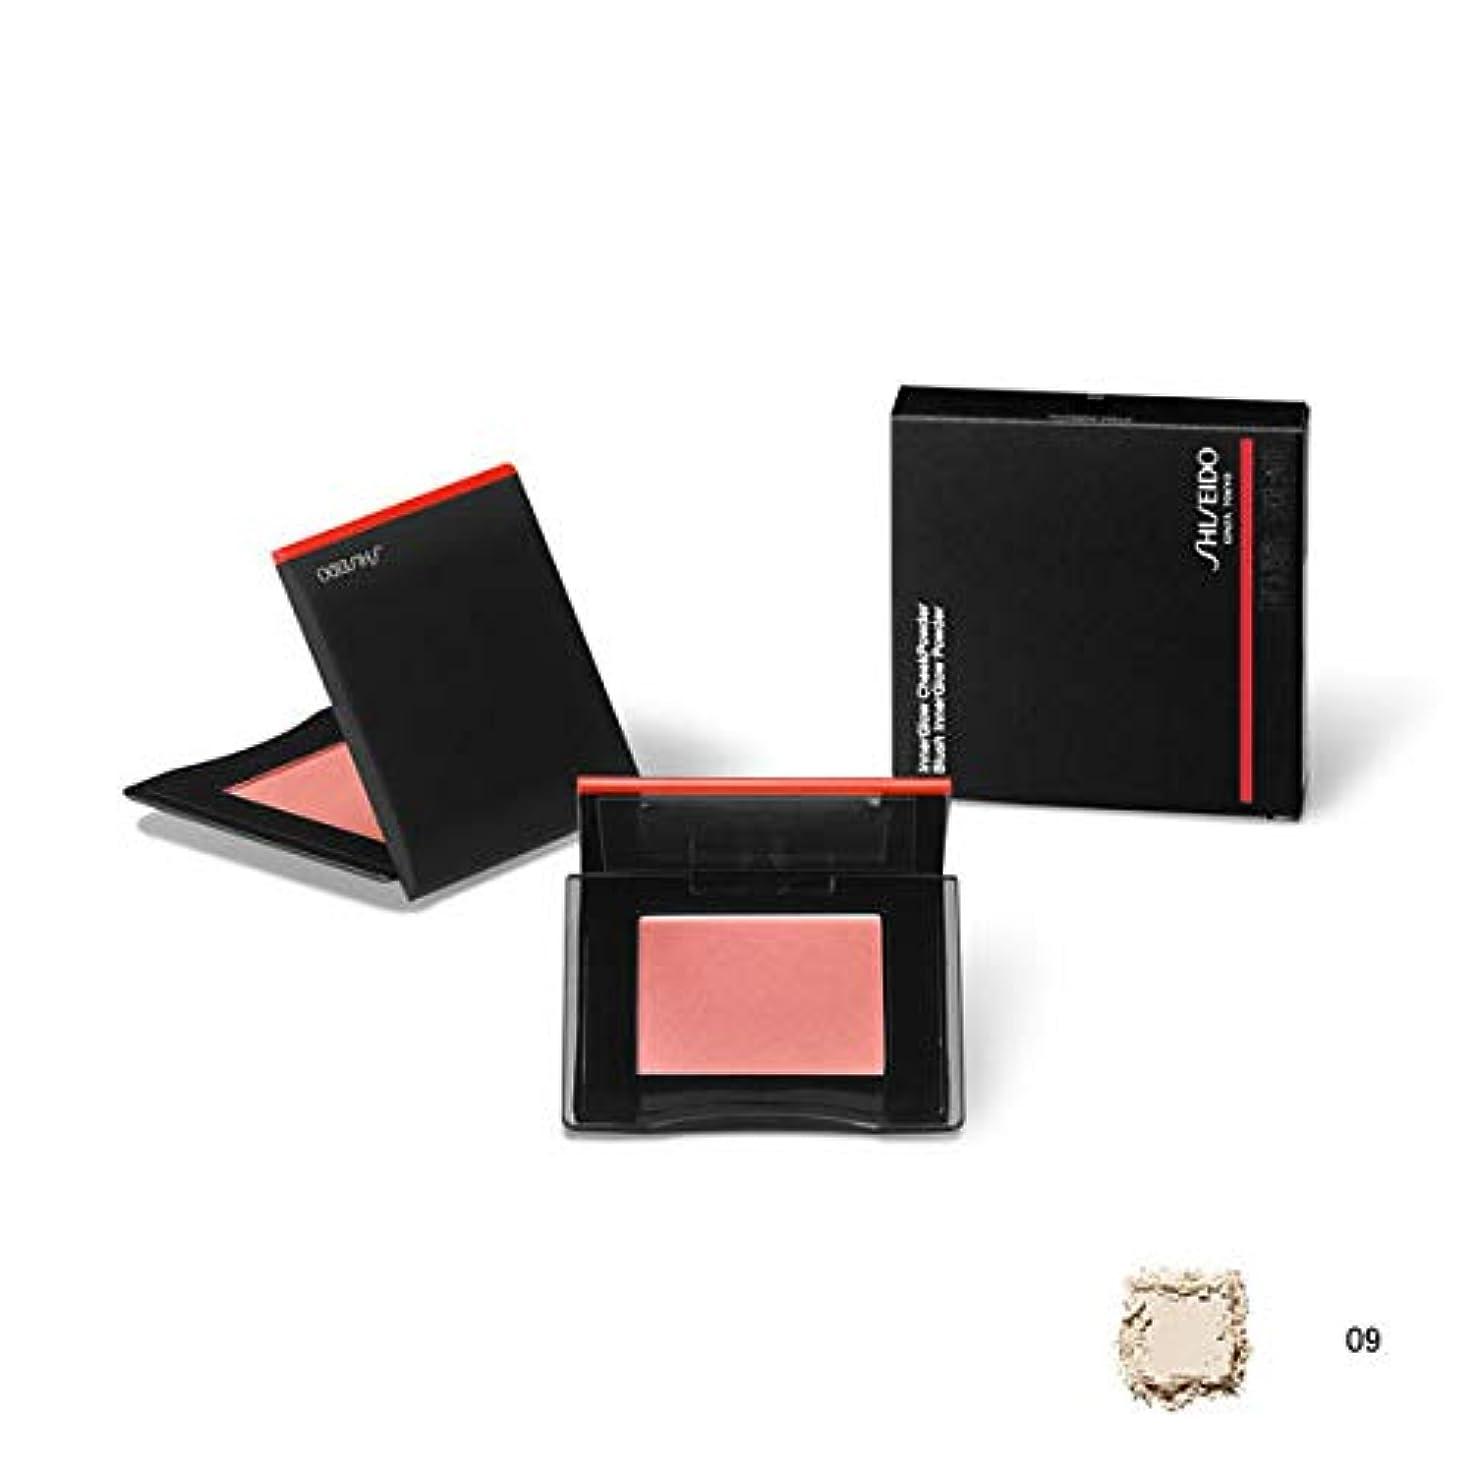 切り刻む分解する覚醒SHISEIDO Makeup(資生堂 メーキャップ) SHISEIDO(資生堂) SHISEIDO インナーグロウ チークパウダー 4g (09)